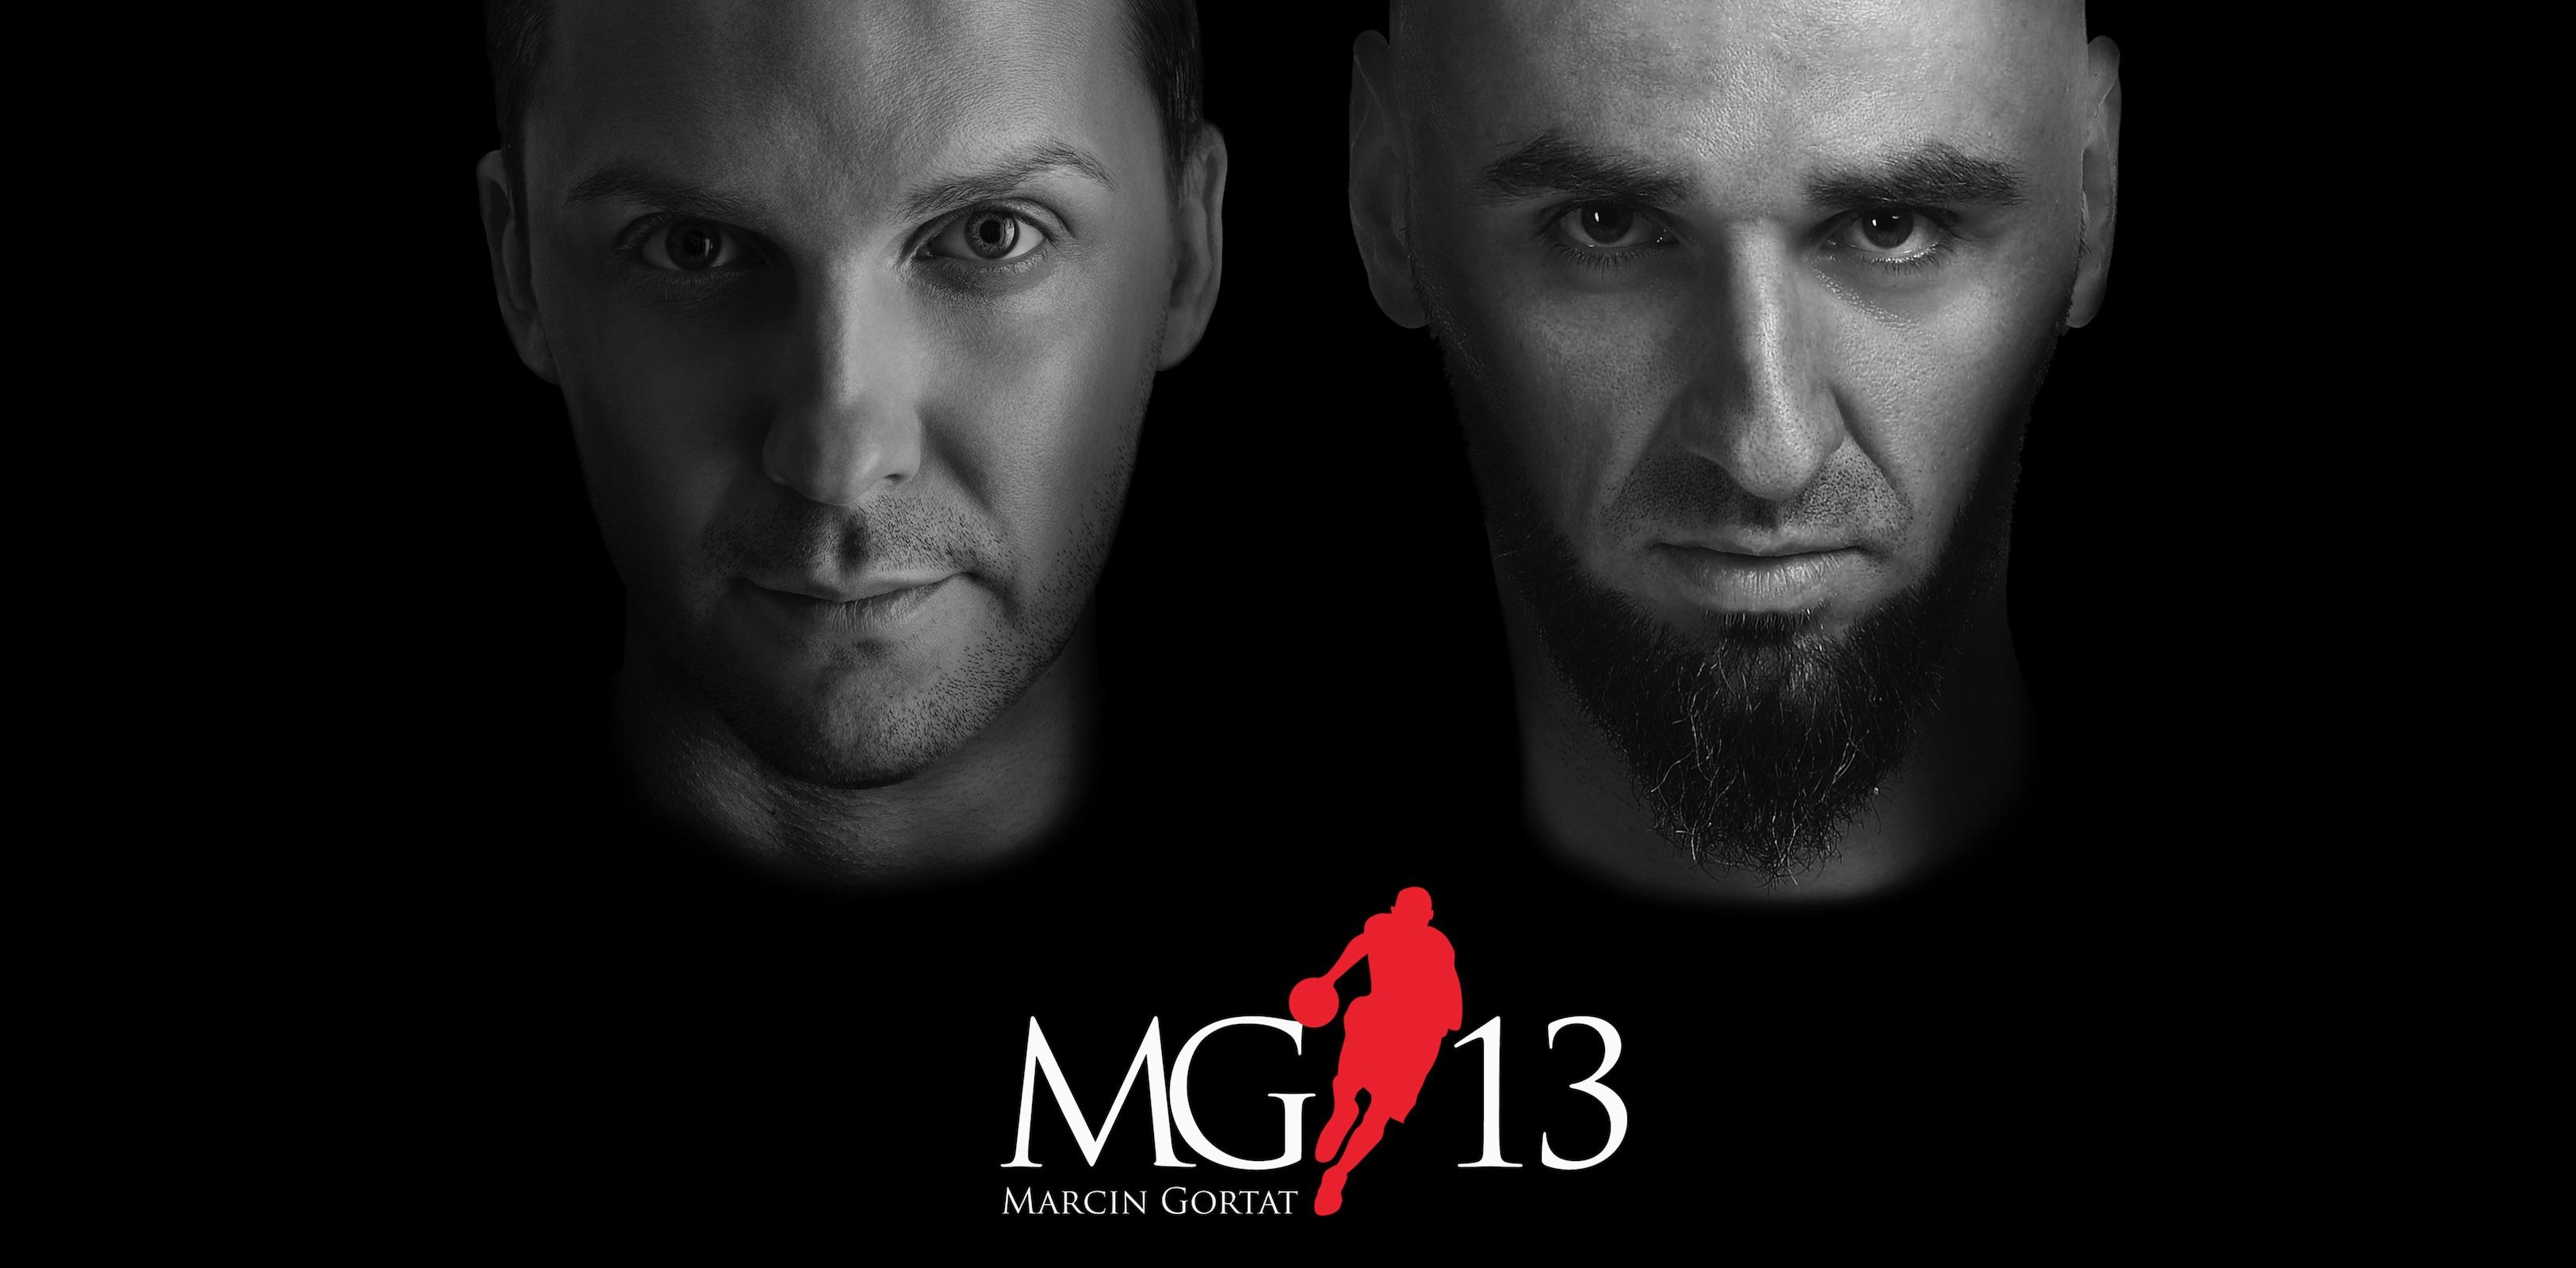 Marcin Gortat bierze się za modę. Ramię w ramię z Mariuszem Przybylskim Lifestyle mediarun gortat przybylski